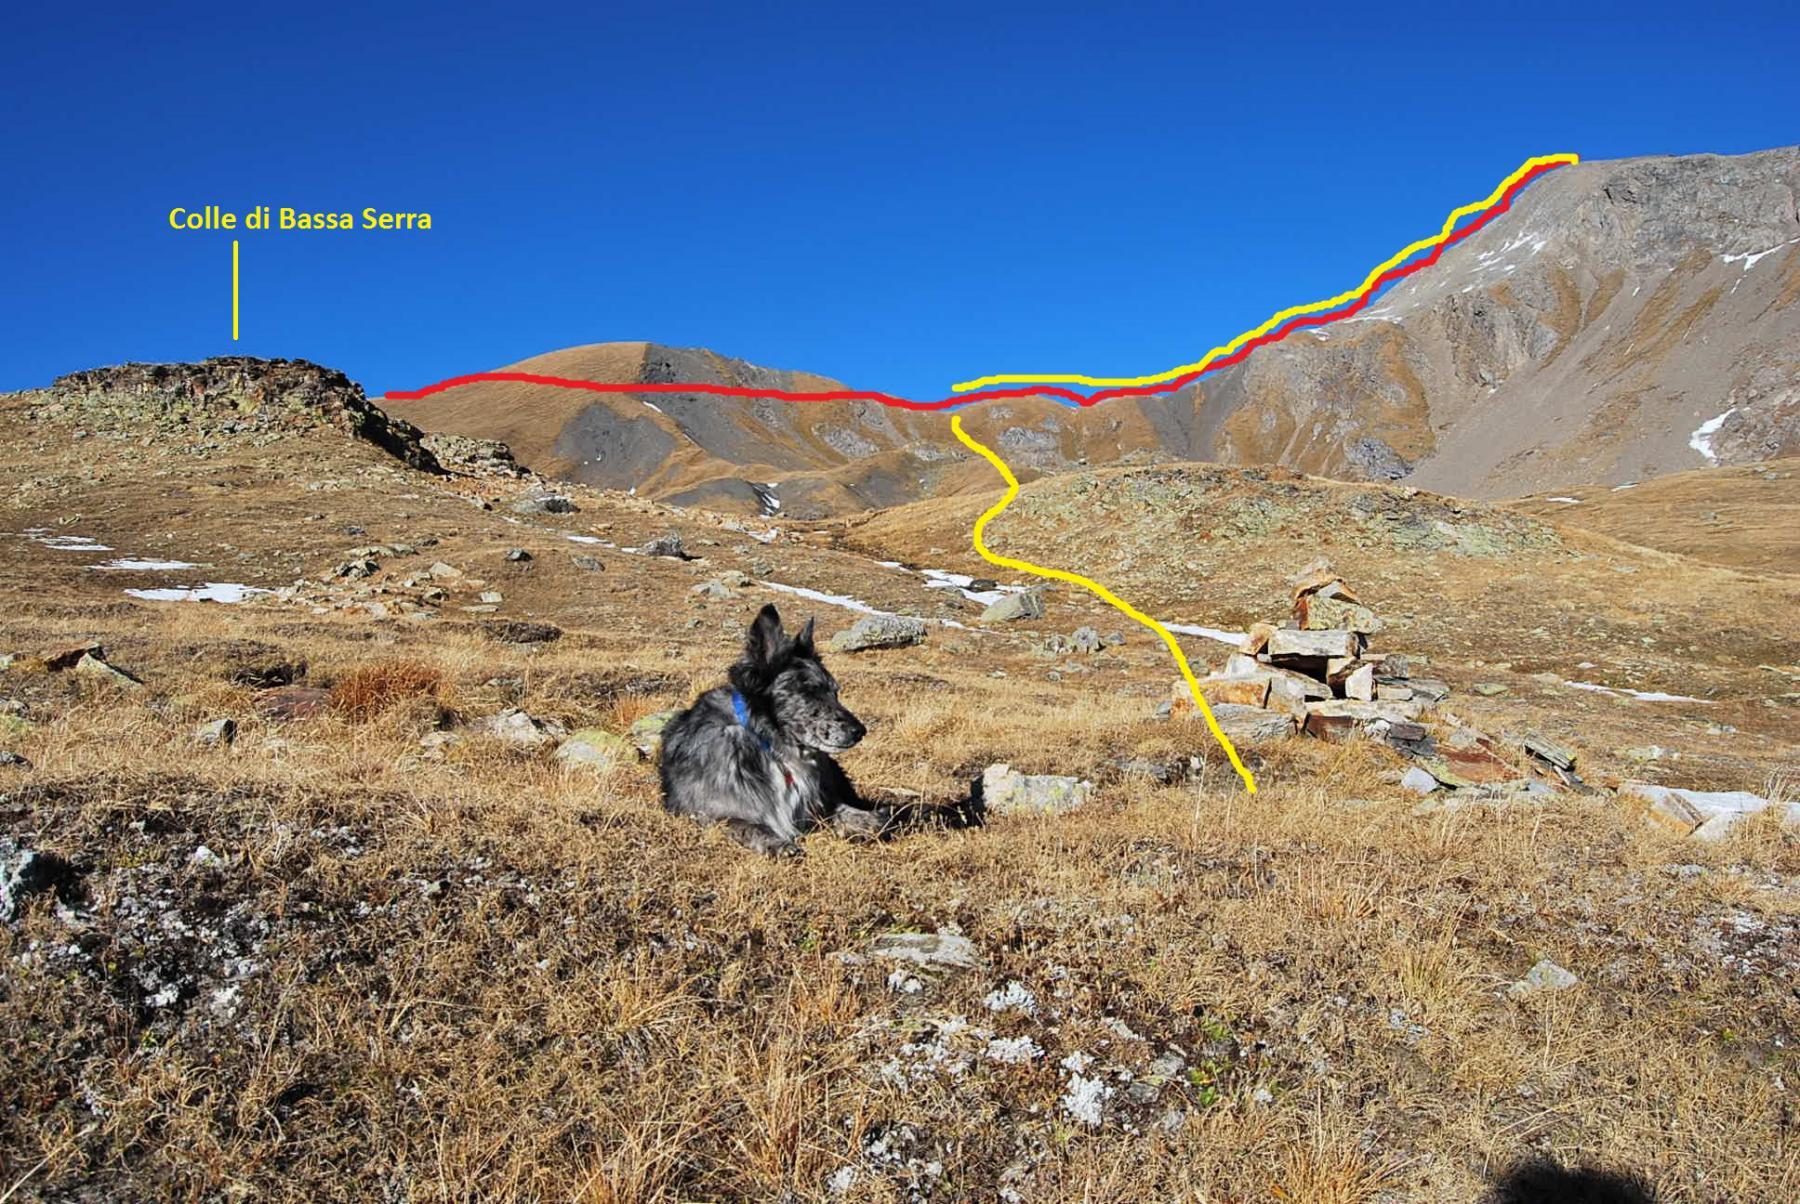 La cresta vista dal sentiero scendendo. In rosso la salita, in giallo la discesa